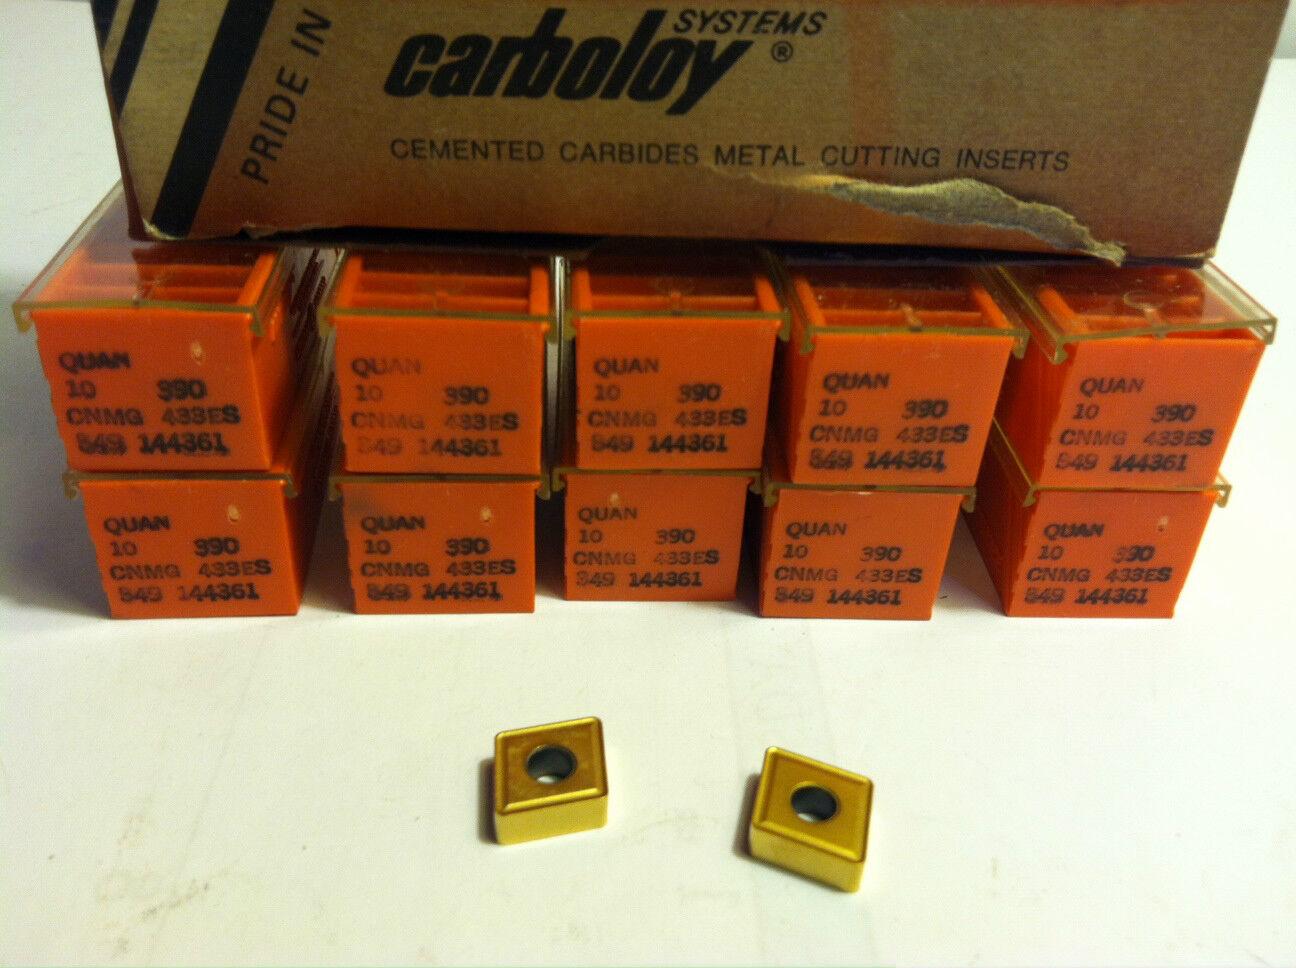 New 10pcs Tnmp 433 Tin Coated Carbide